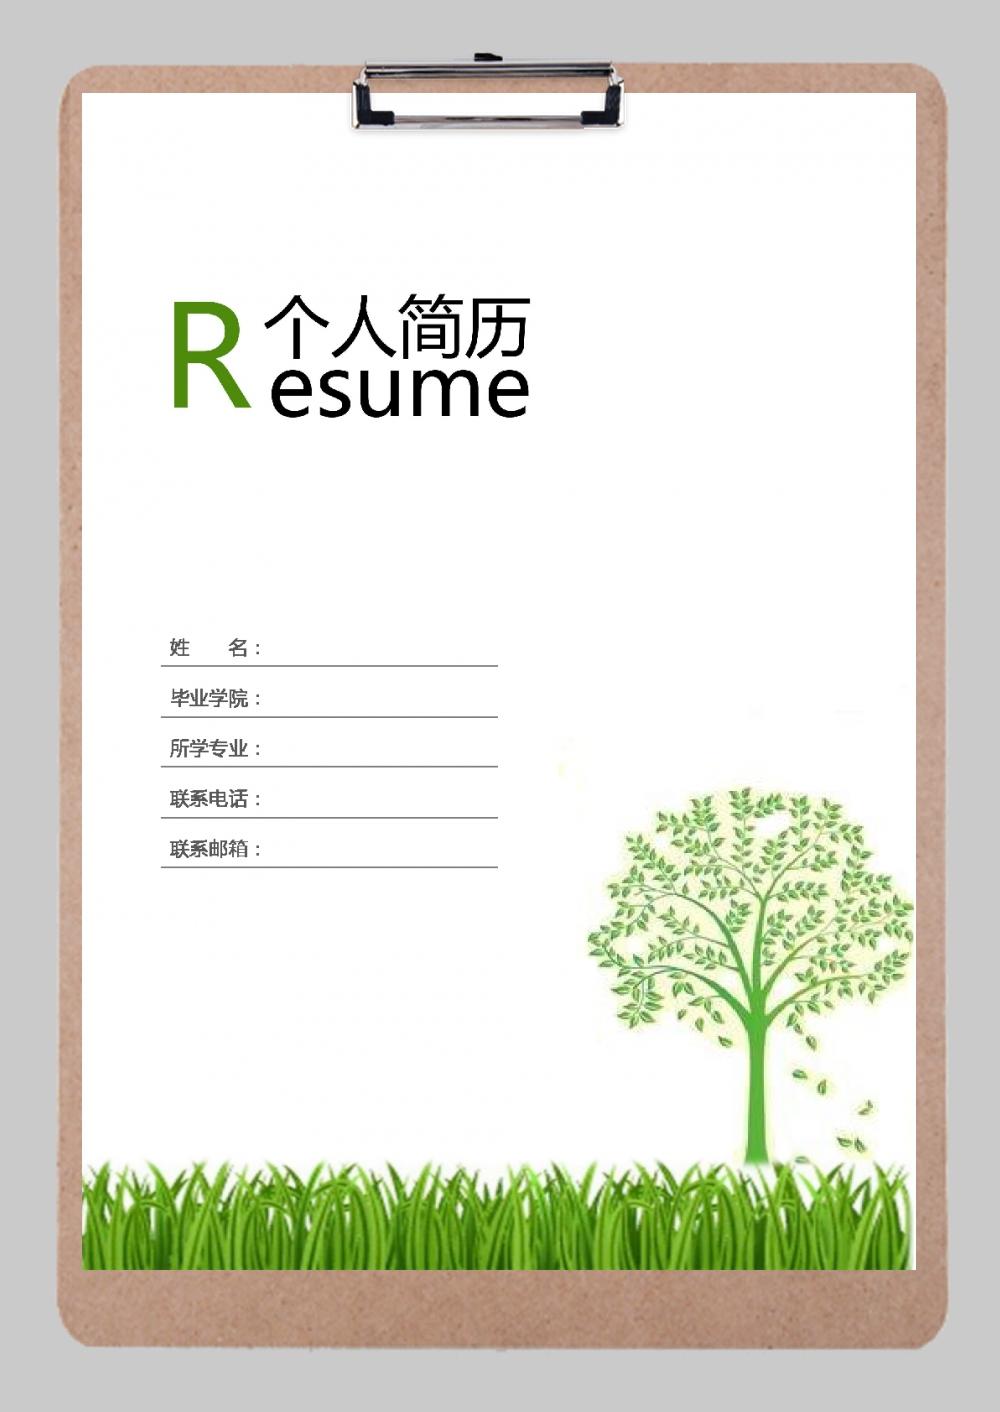 綠色簡潔簡歷Word模板